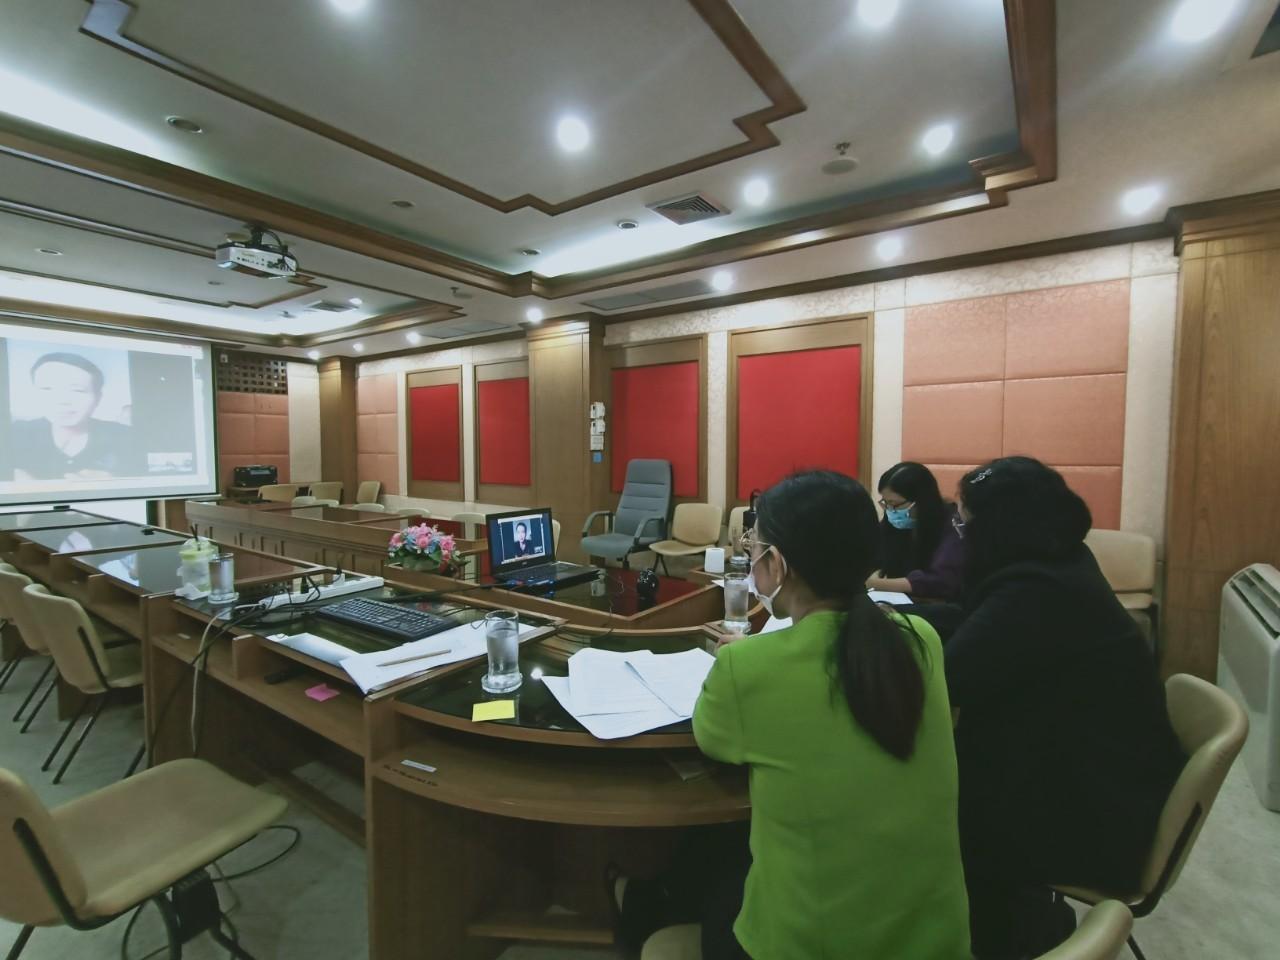 สำนักงานจัดหางานจังหวัดพิษณุโลก ได้ดำเนินการสอบสัมภาษณ์ผู้มีสิทธิสอบสัมภาษณ์ เจ้าหน้าที่ผู้ช่วยปฏิบัติงาน ตามโครงการจ้างงานเพื่อลดผลกระทบจากการแพร่ระบาดของไวรัส COVID - 19